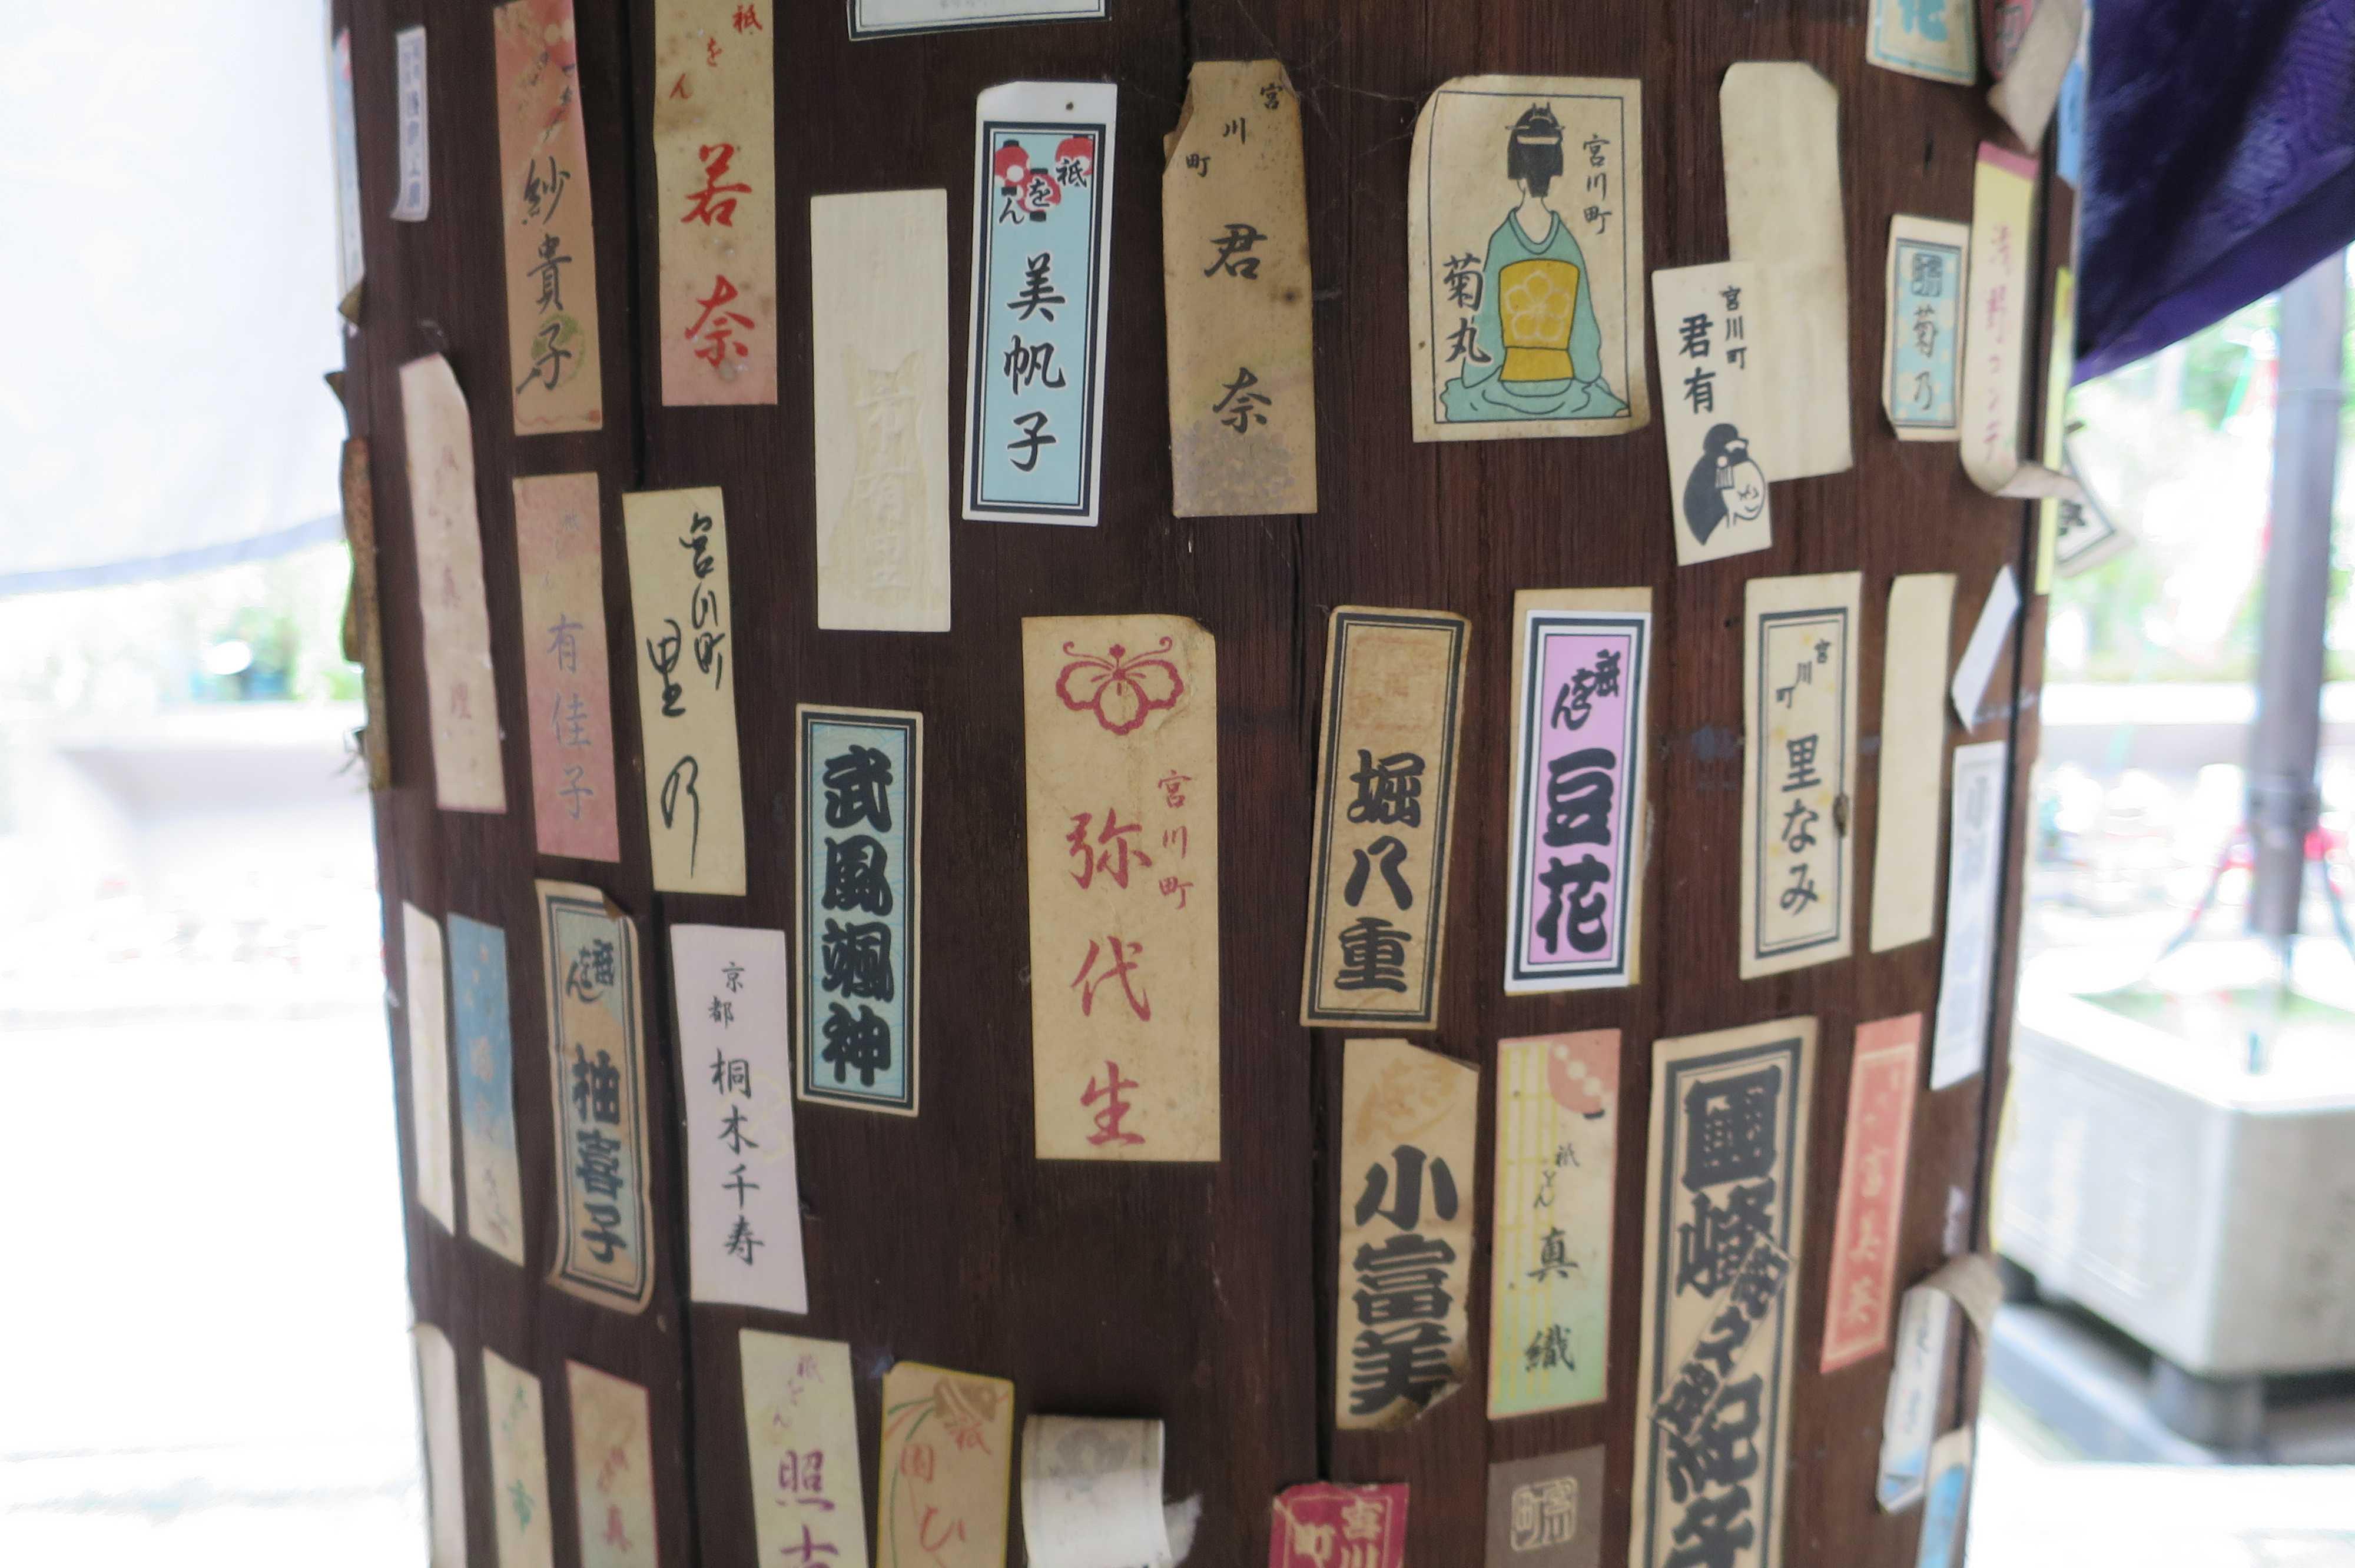 京都・六角堂 - 祇園の舞妓・芸妓たちの千社札